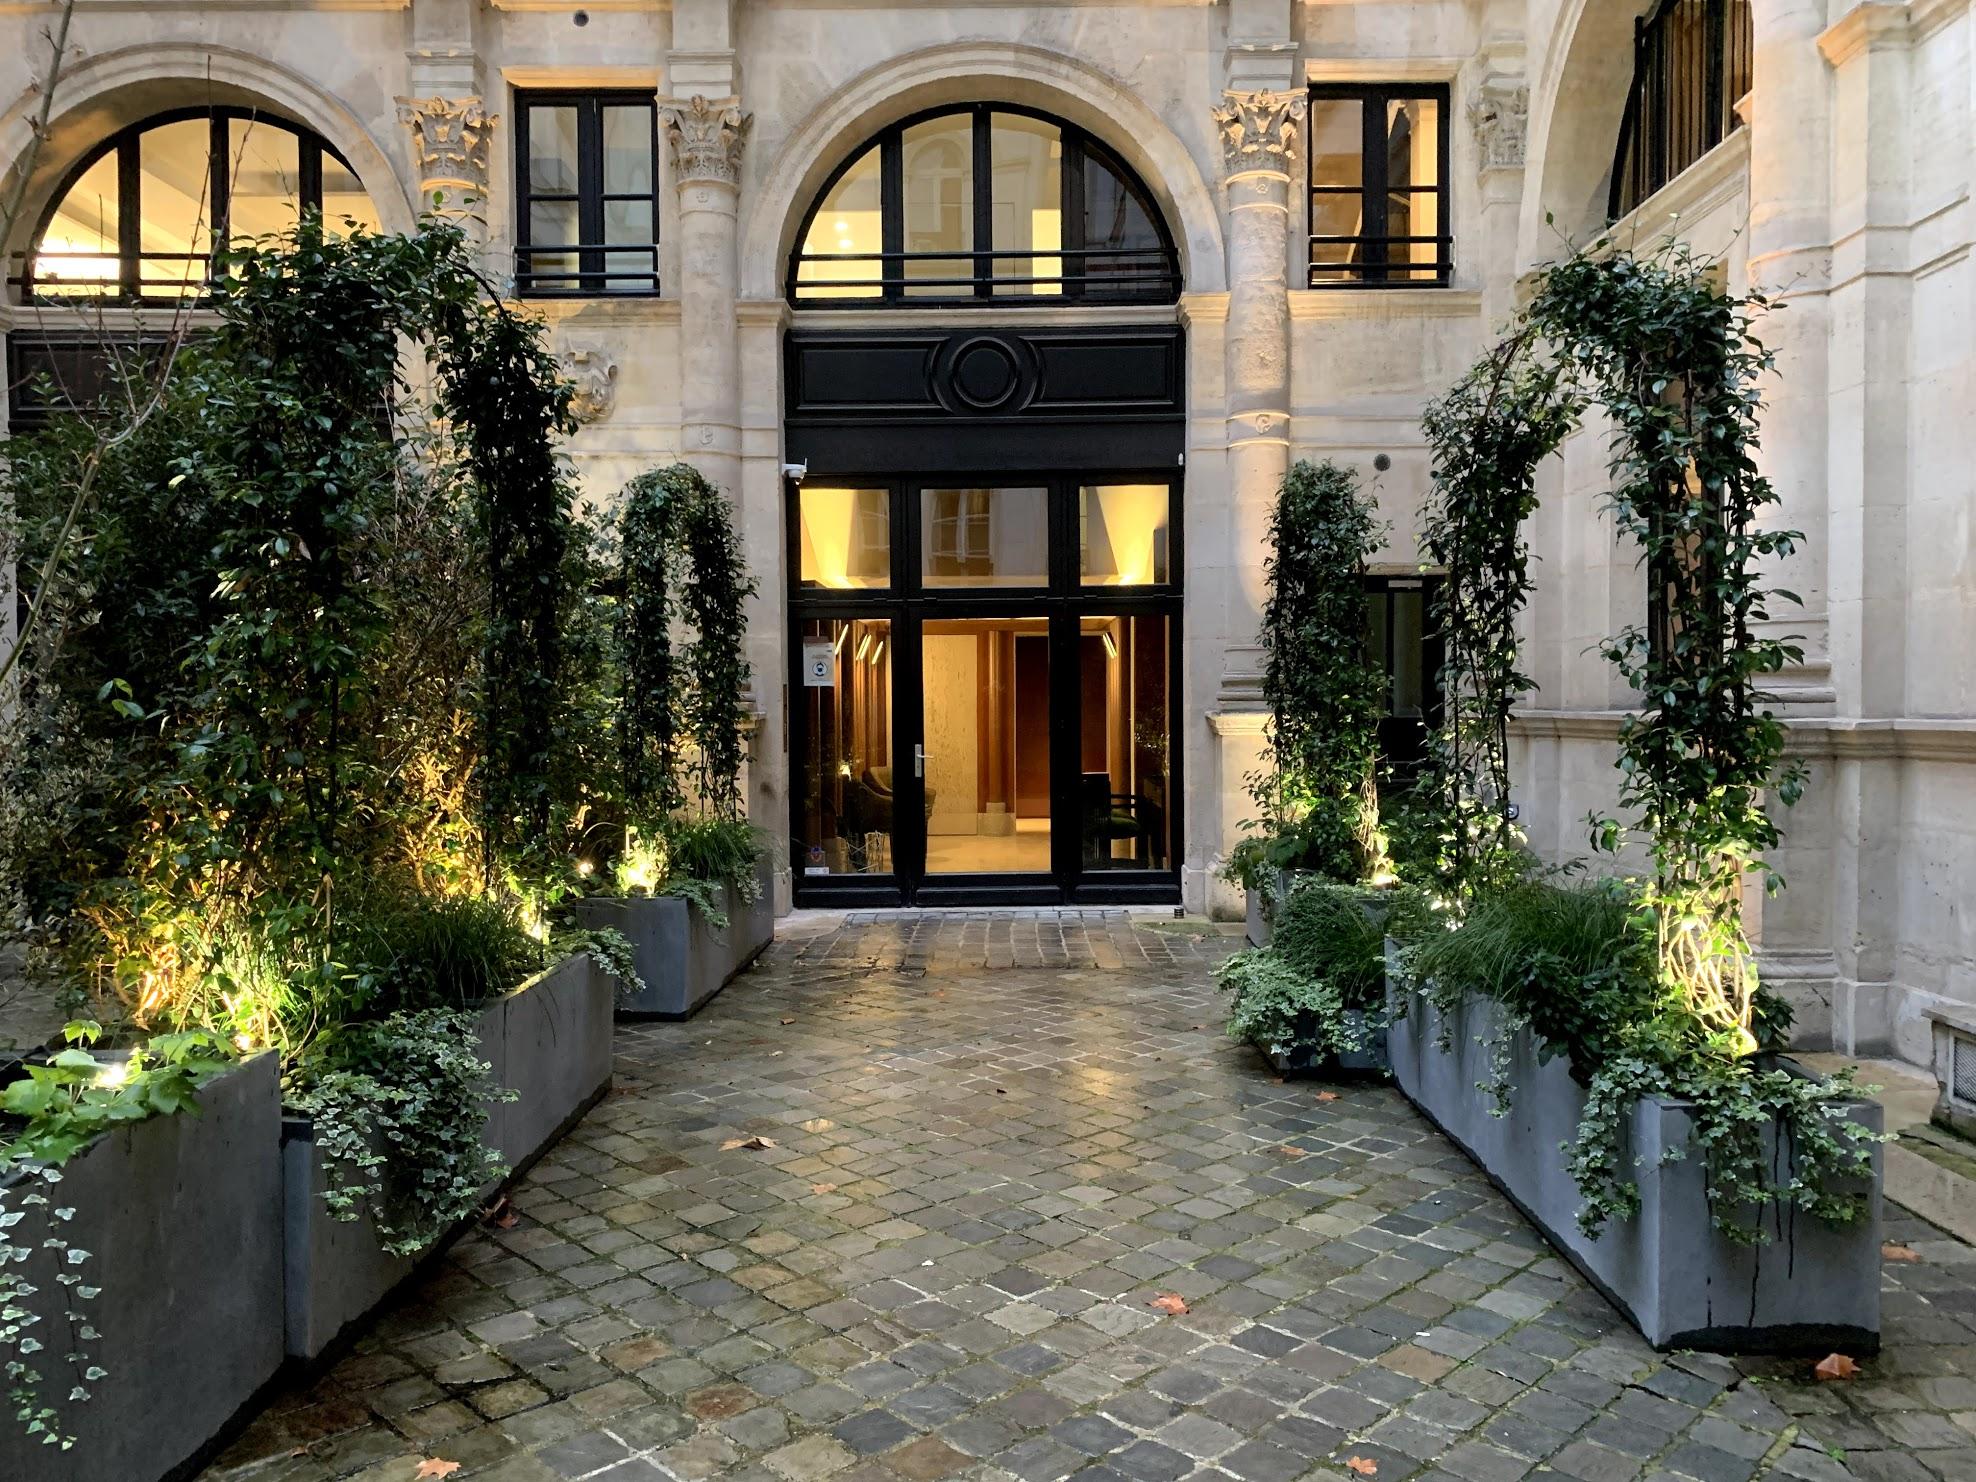 Paysagiste Paris Ile de France - Plante intérieur Paris